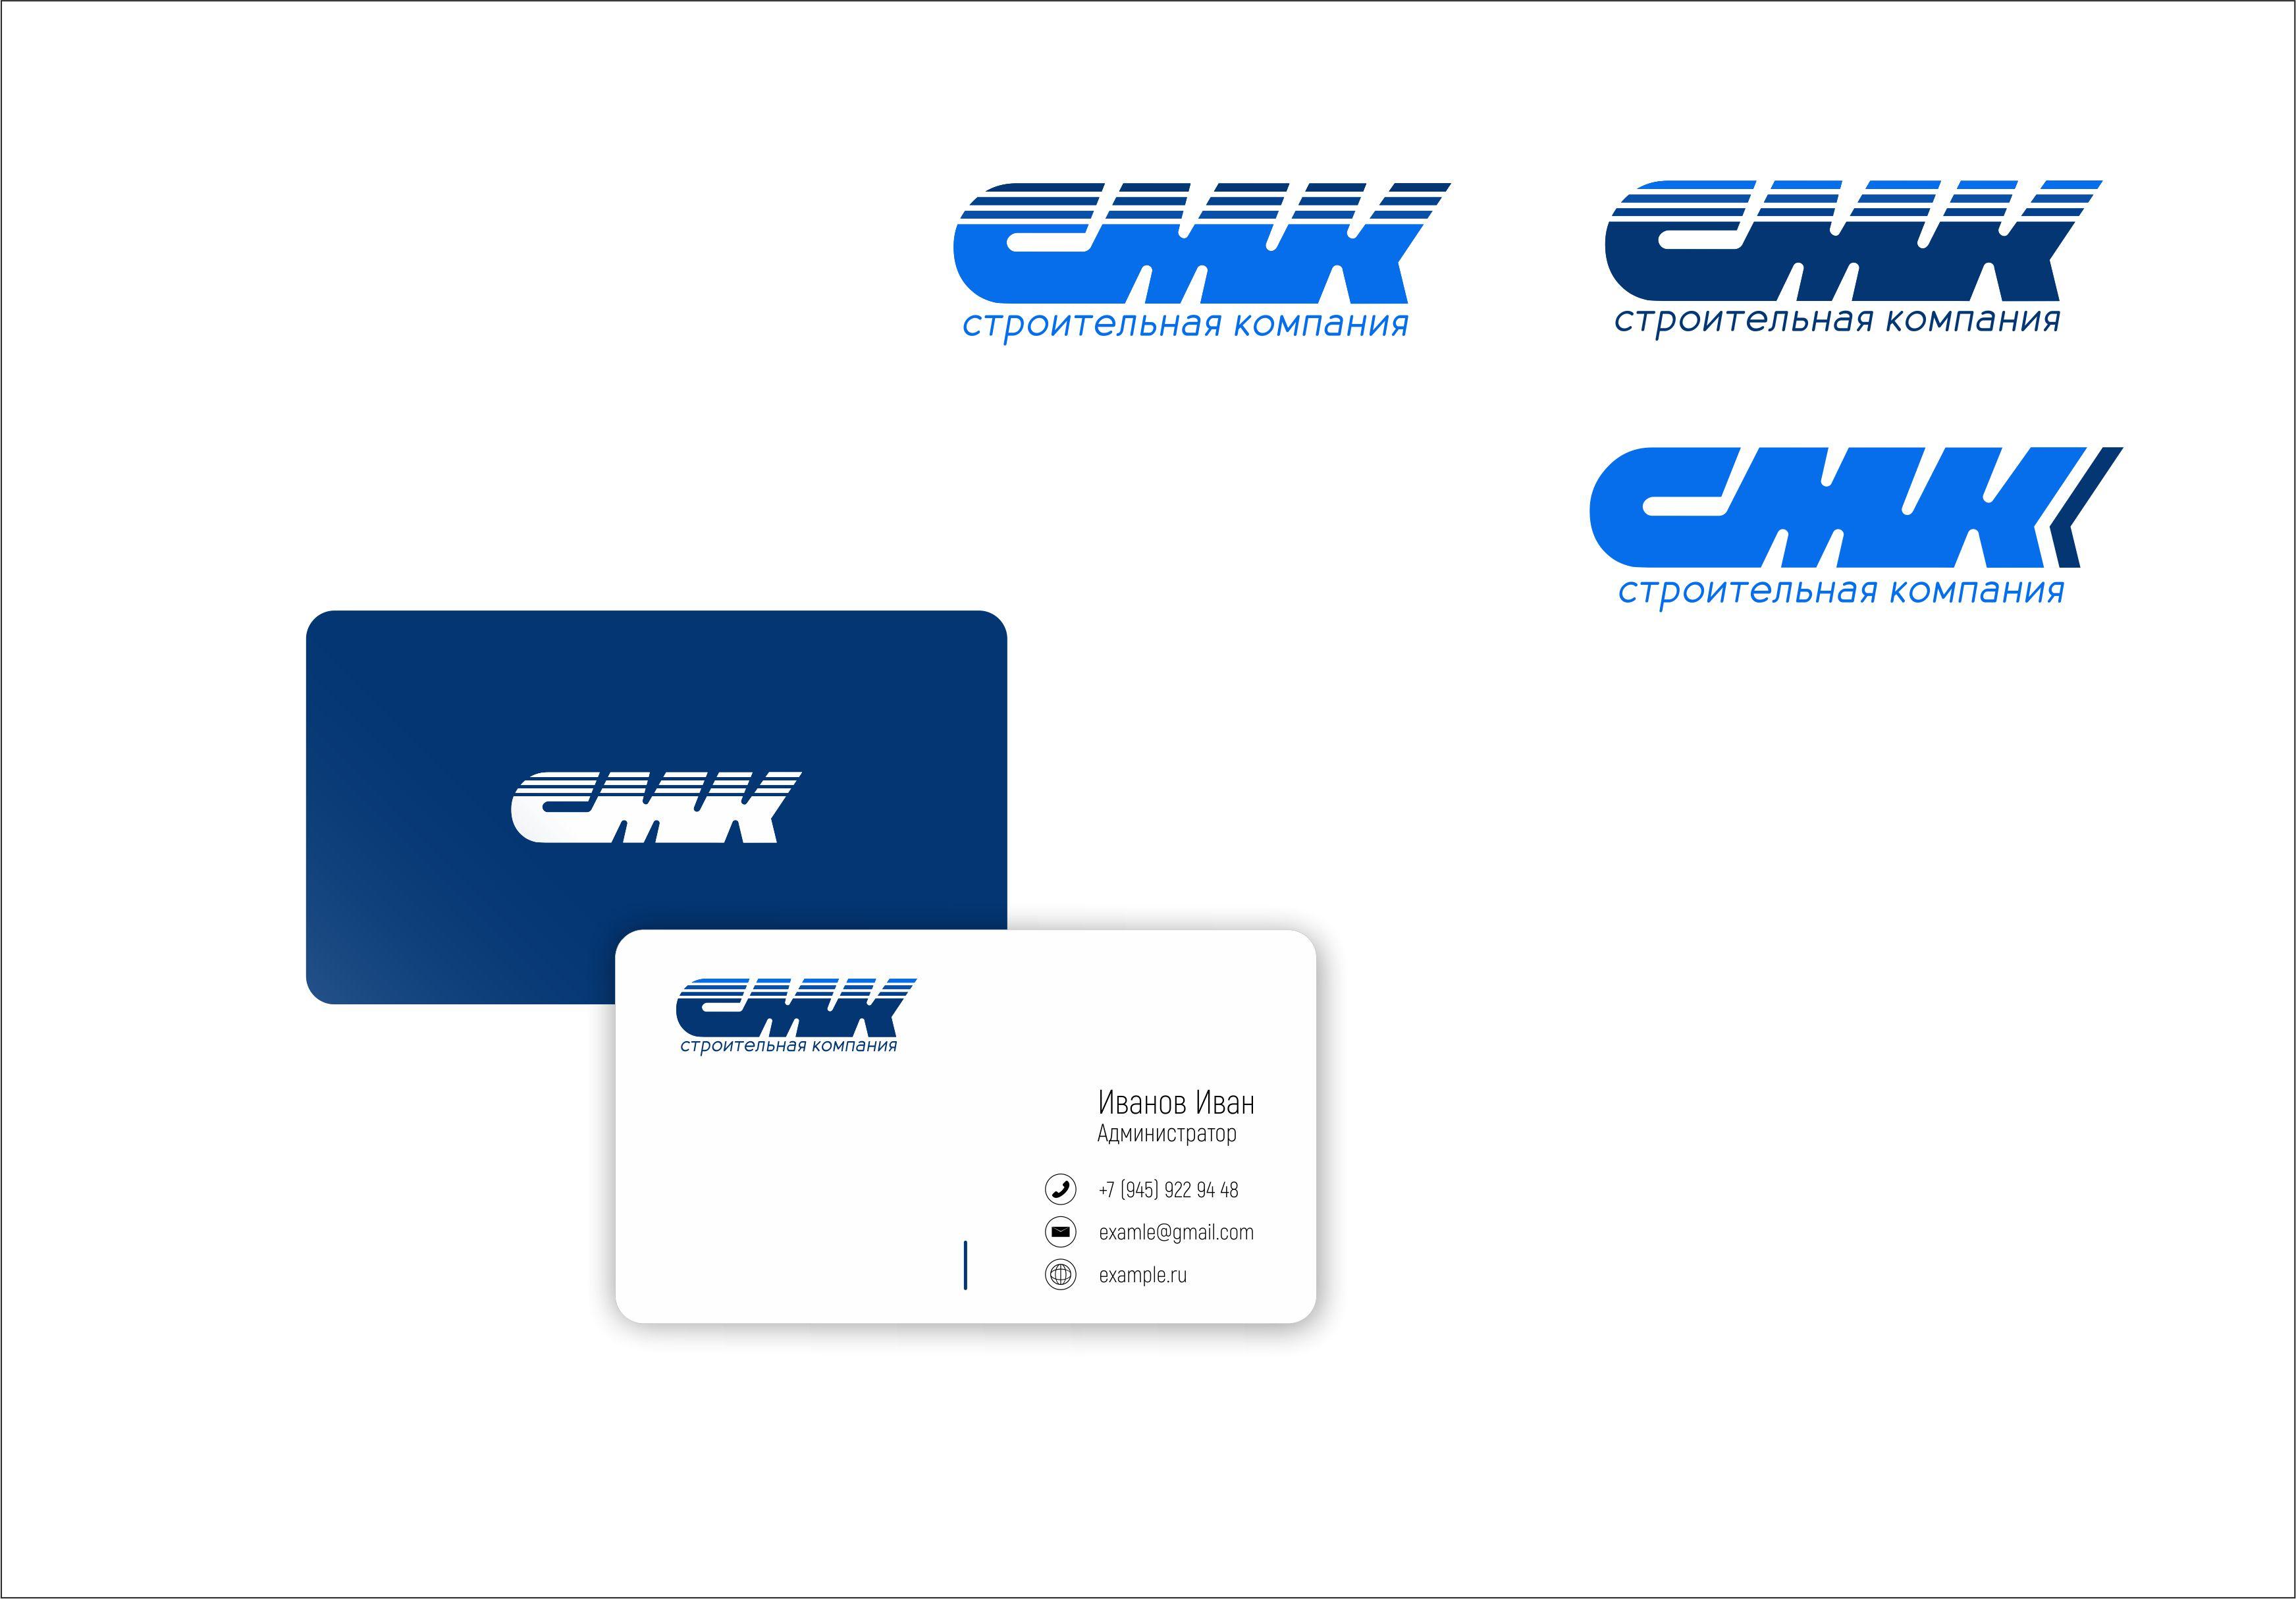 Разработка логотипа компании фото f_7085dd91258b142a.jpg